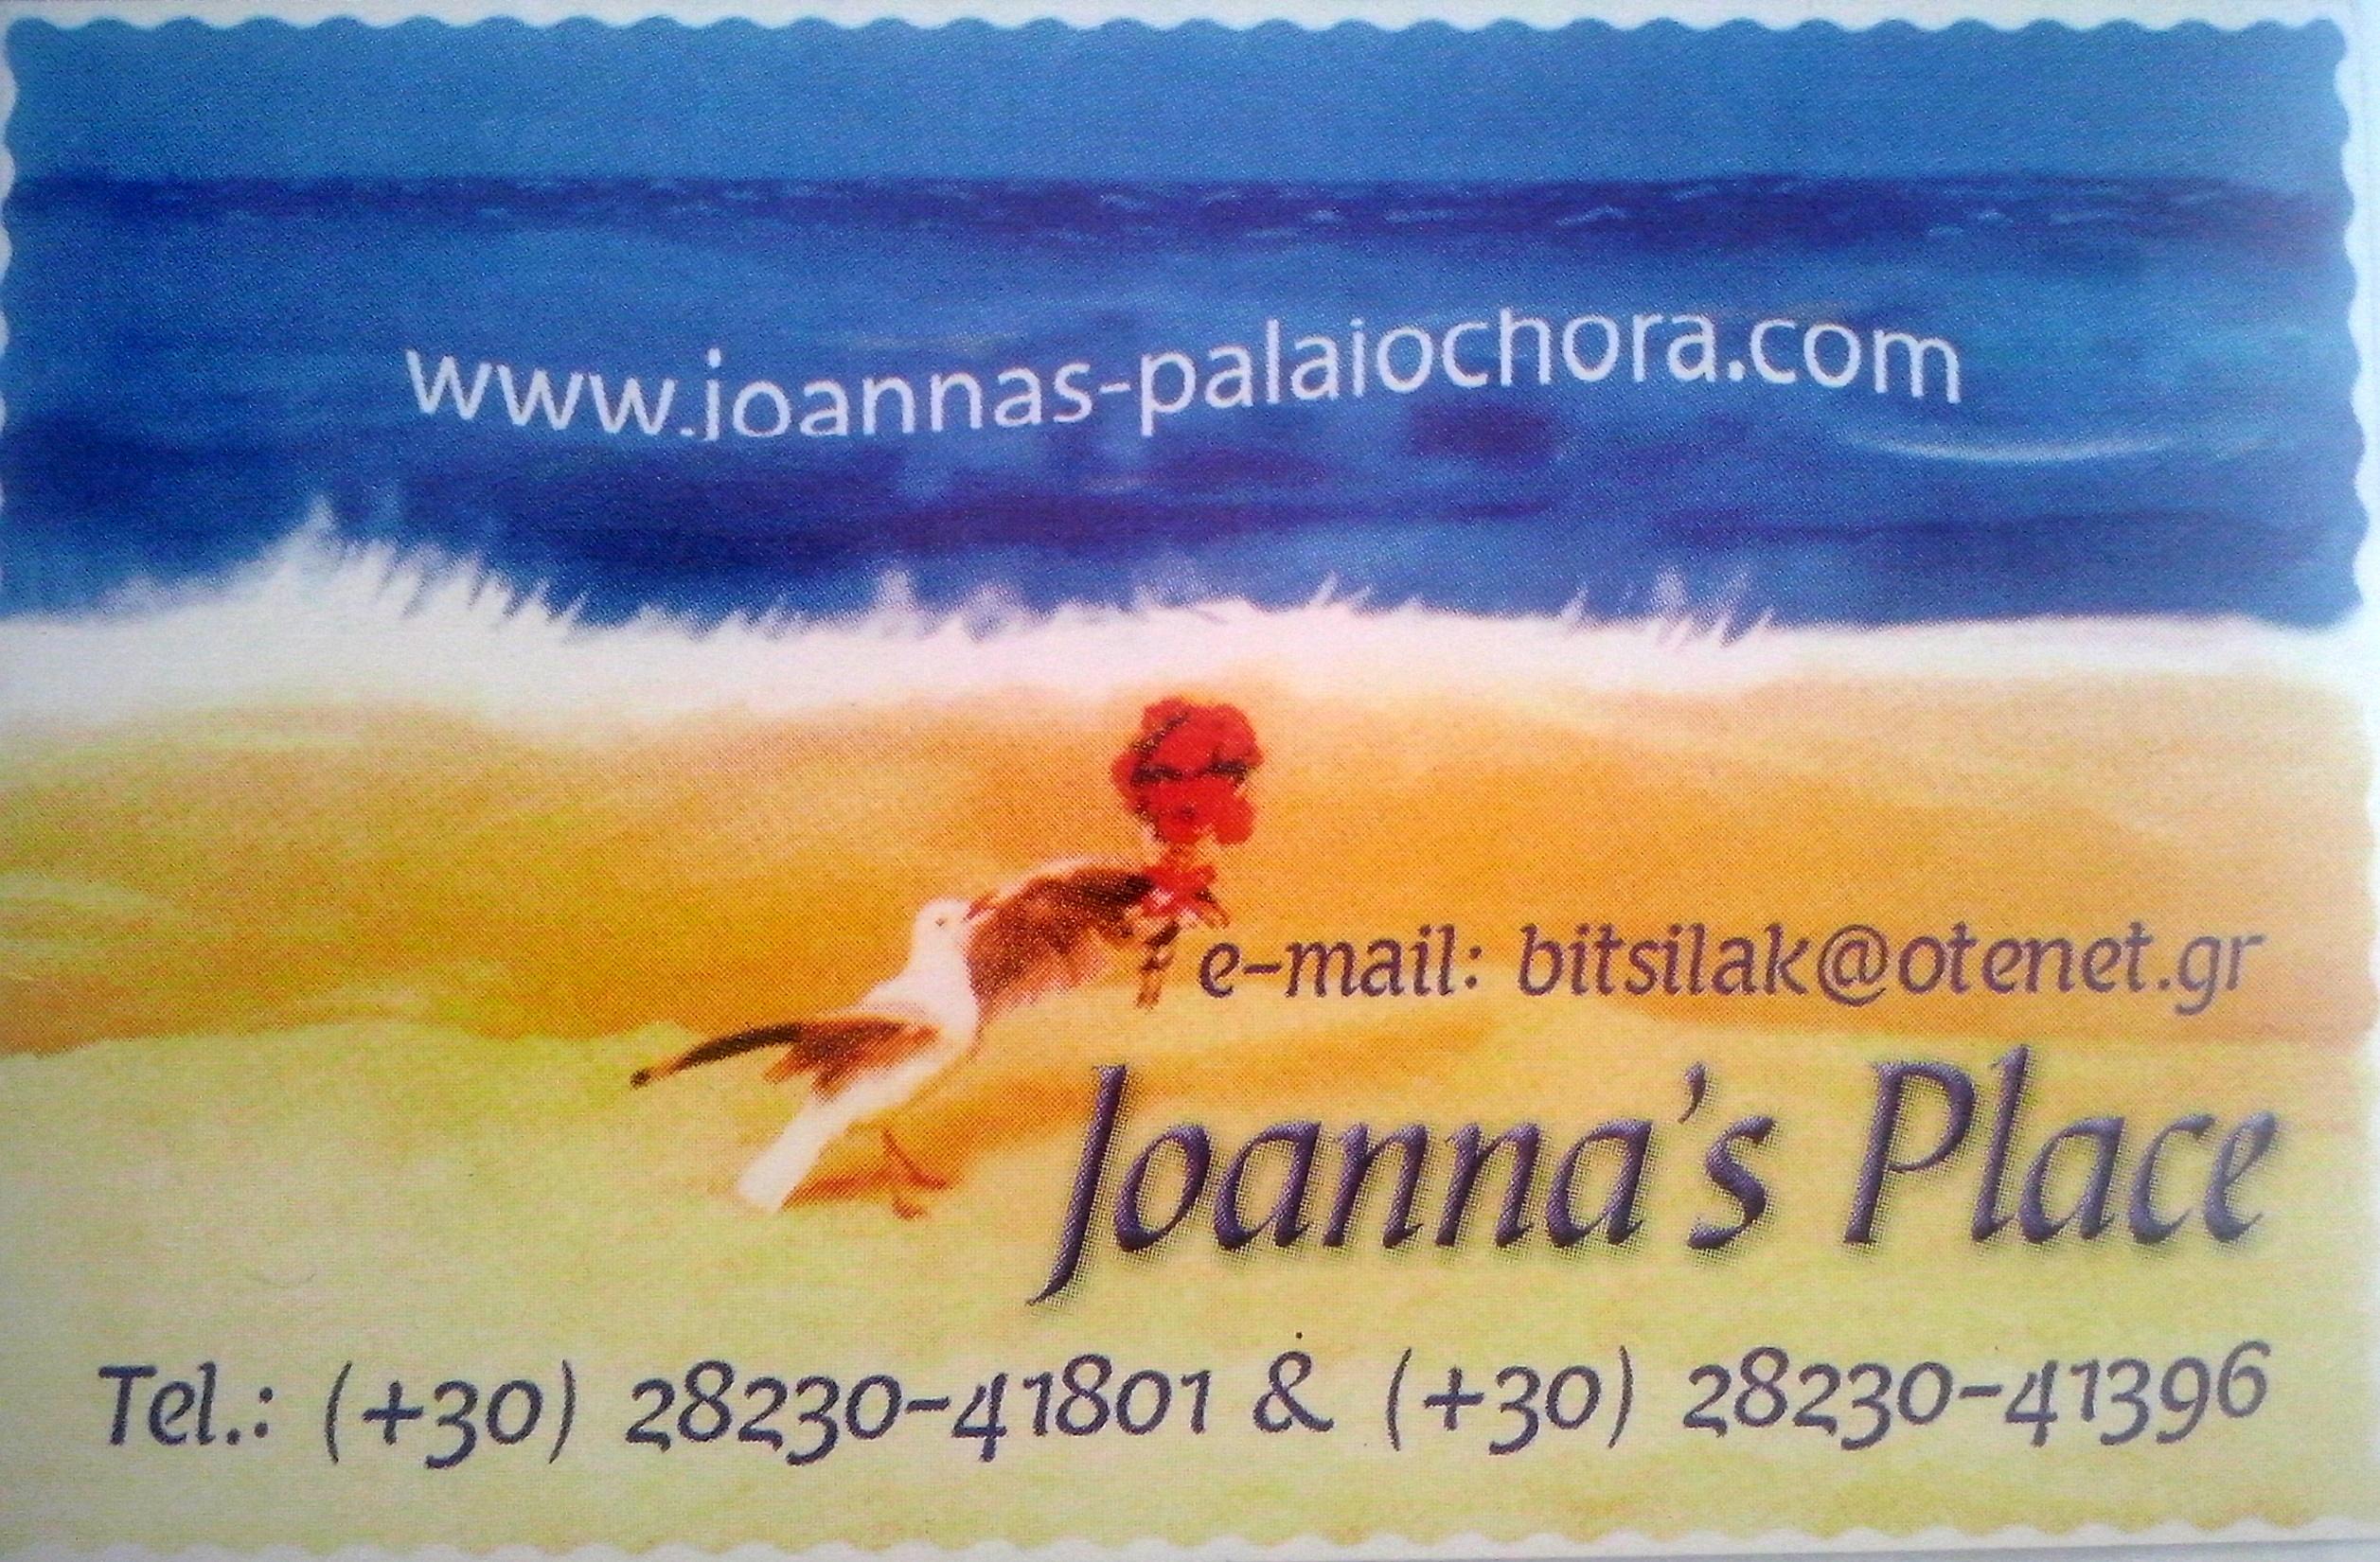 Joannas Place